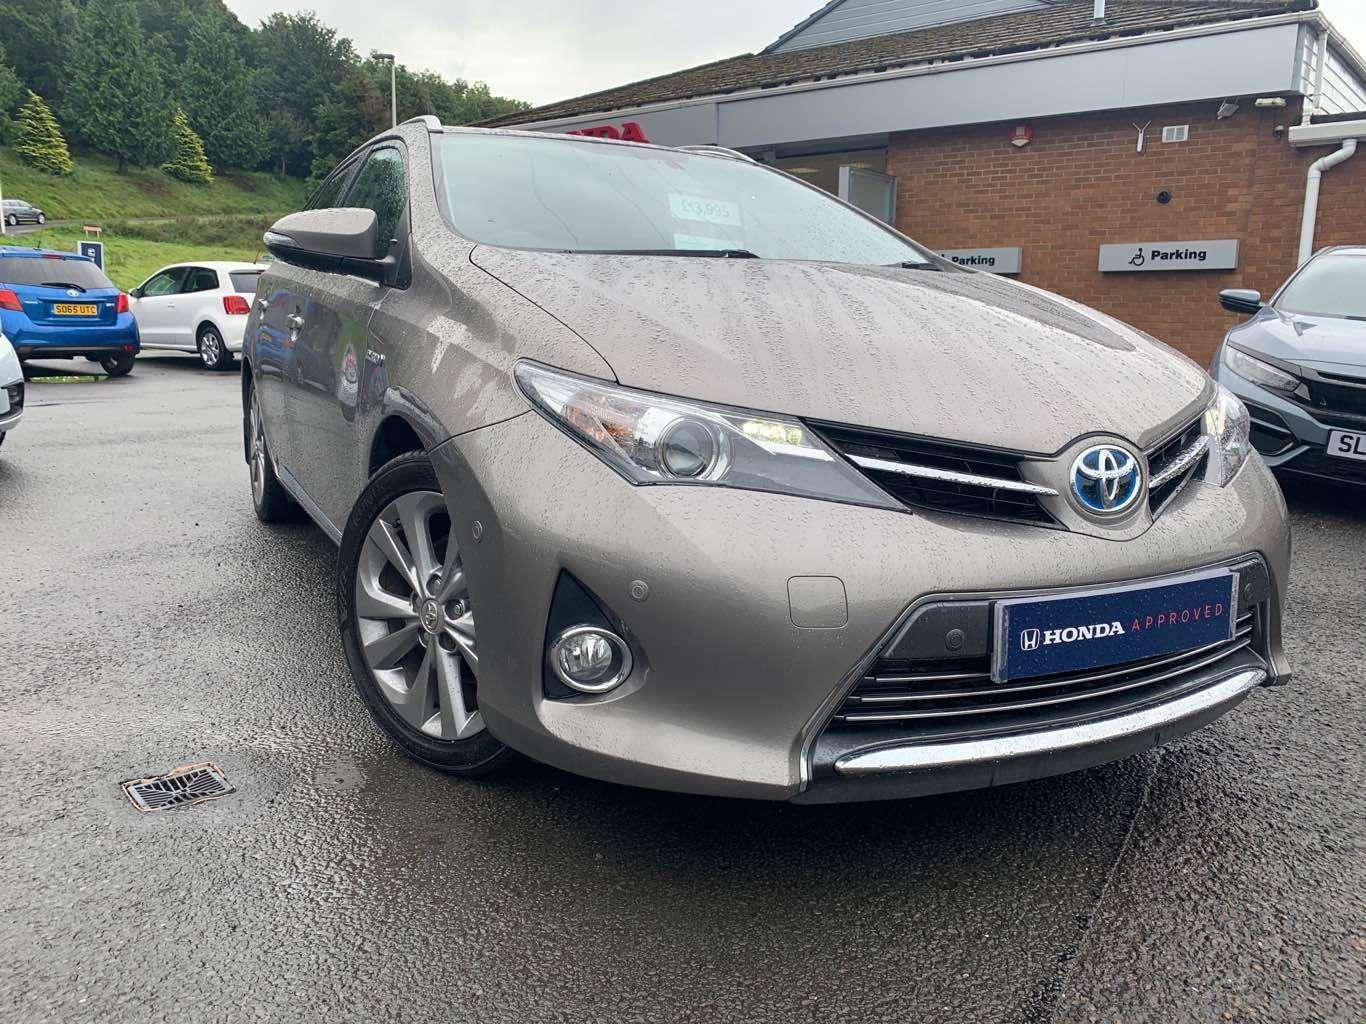 Toyota Auris Excel Vvt-I Cvt